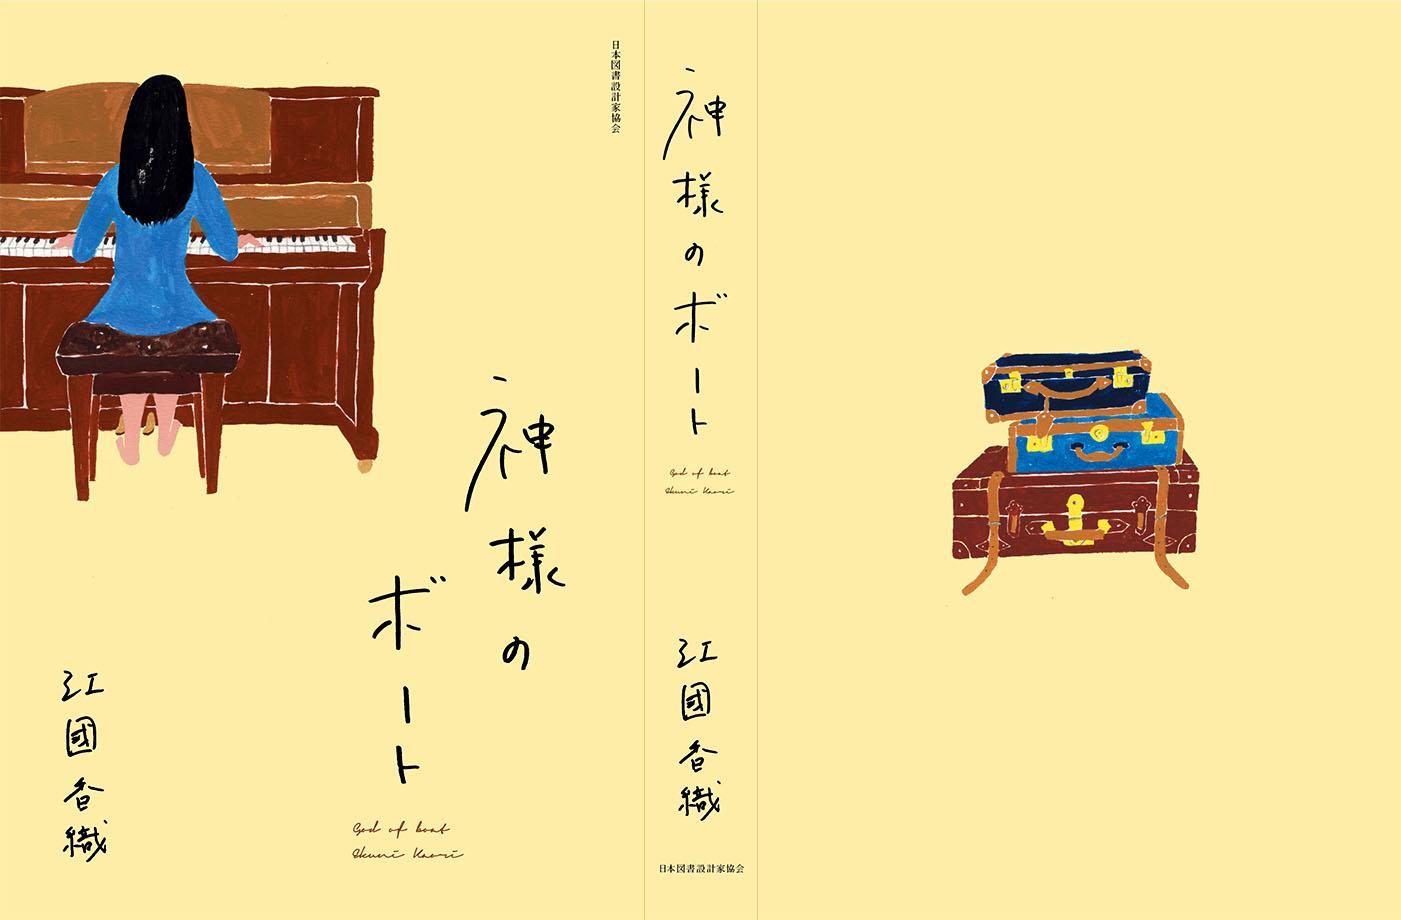 東京装画賞2016_江國香織『神様のボート』イラストレーション